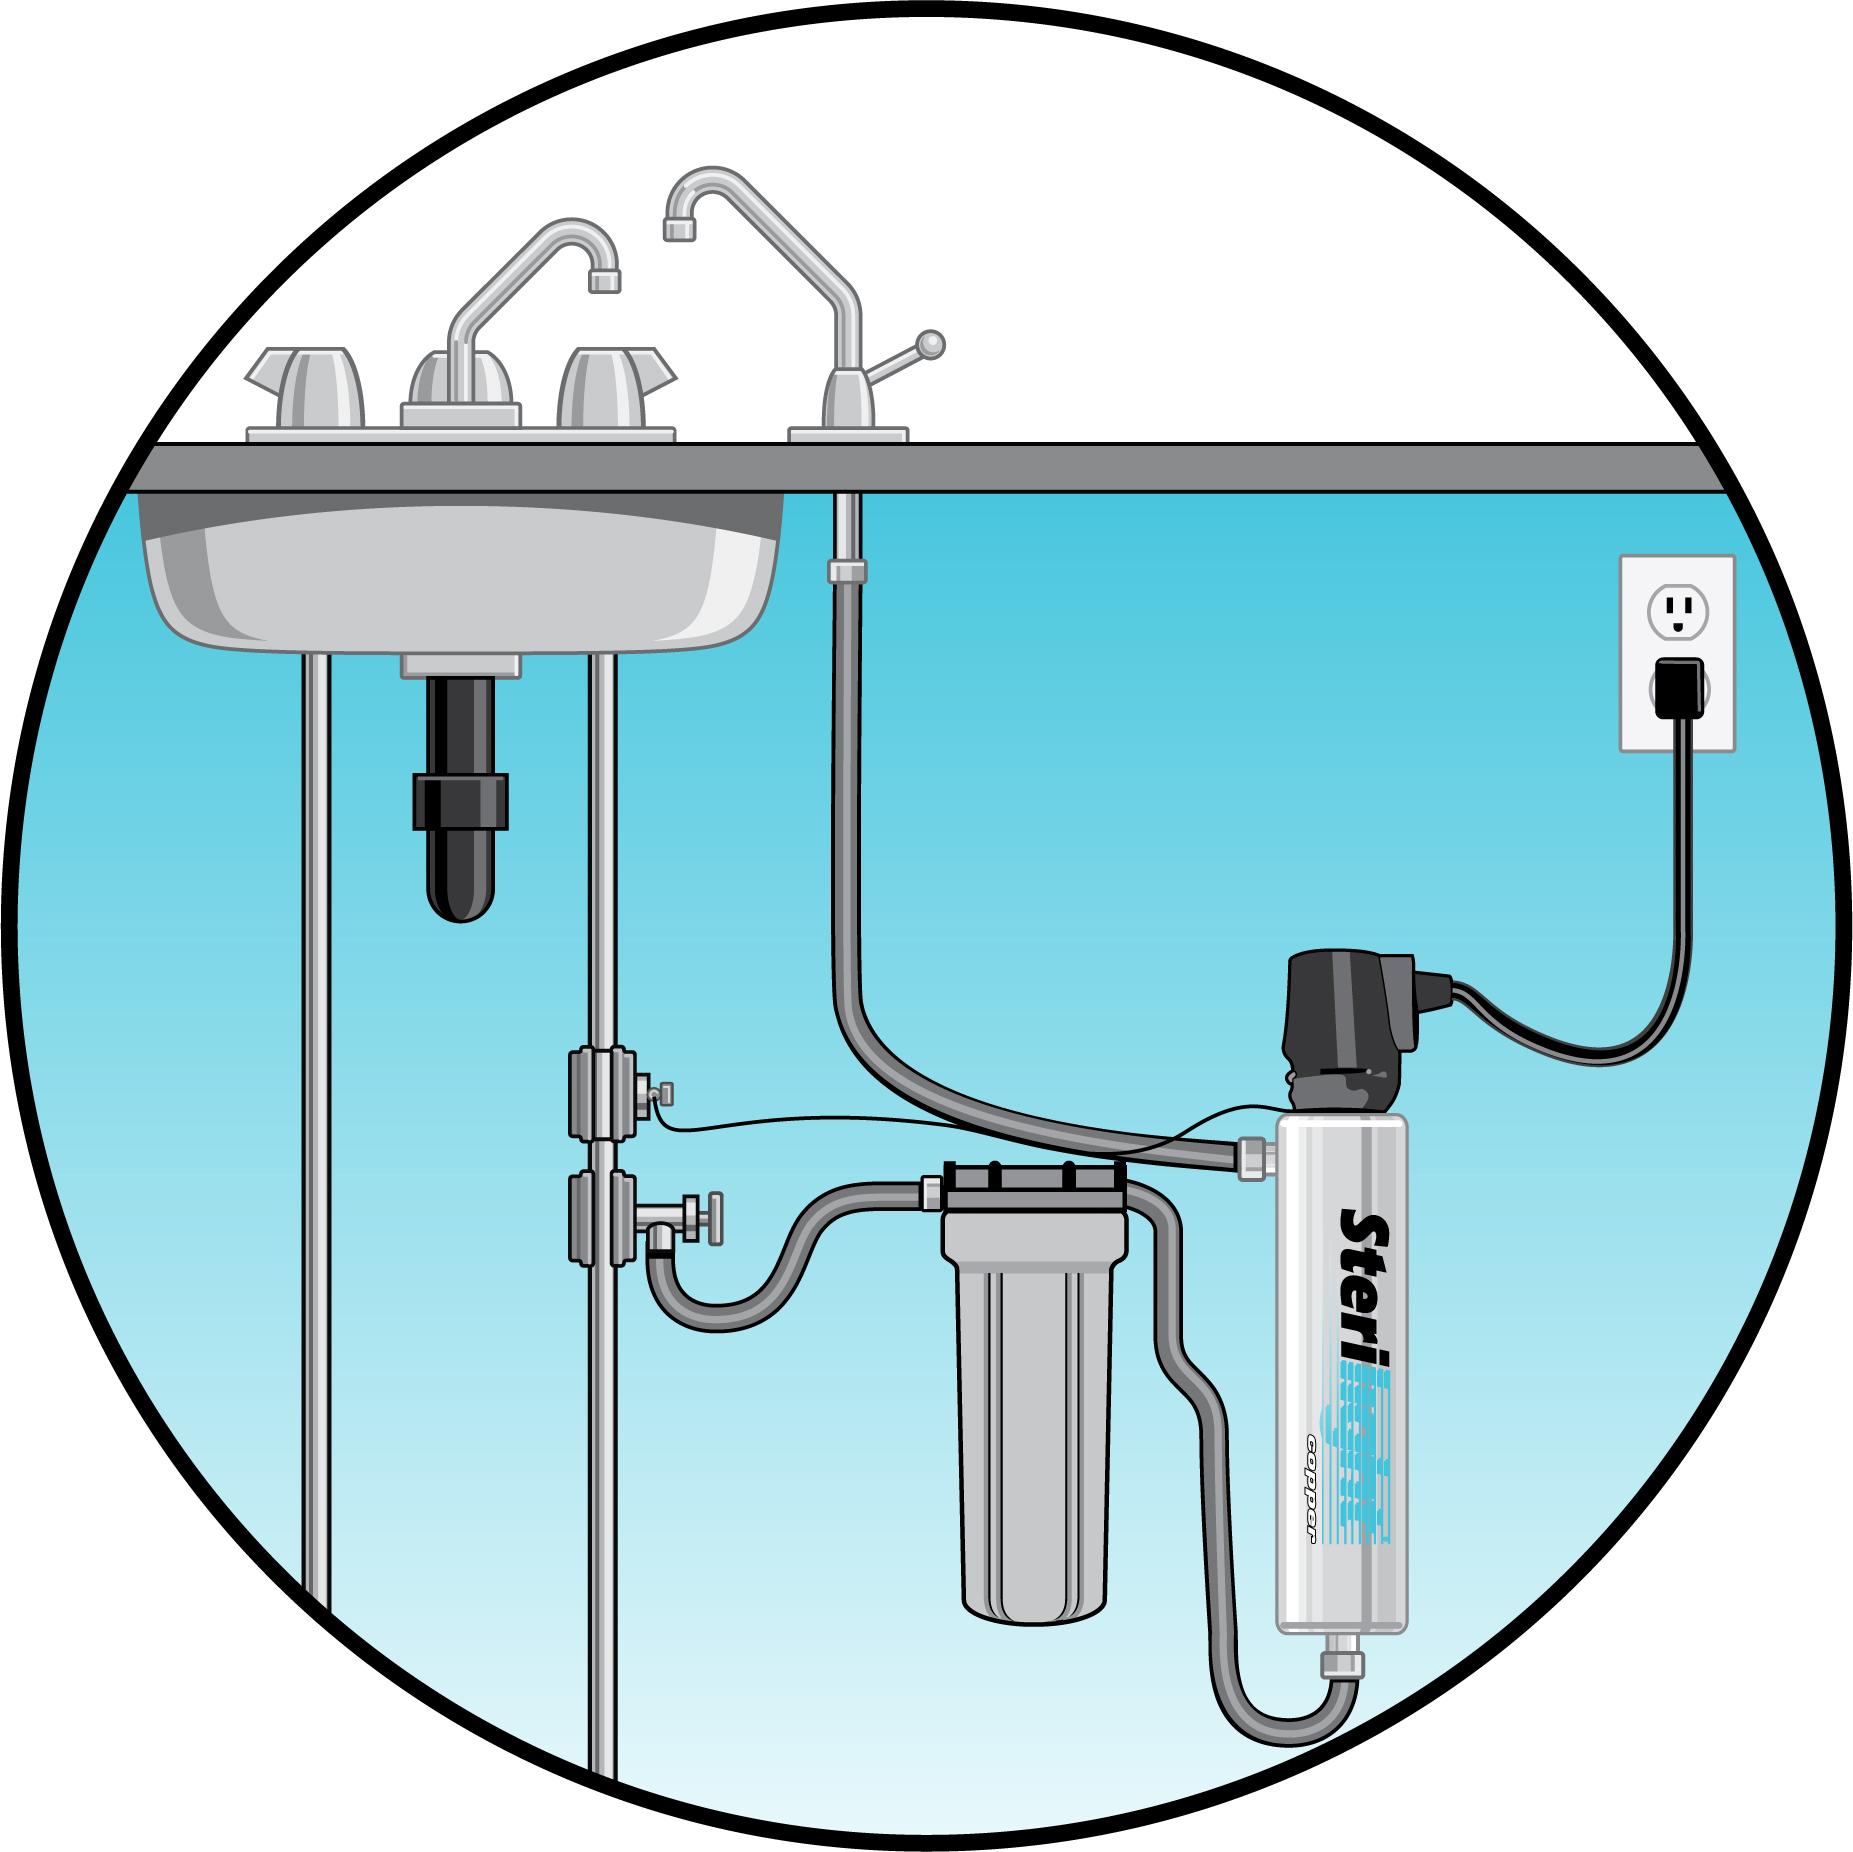 Sterilight Copper Series UV System Installation Diagram